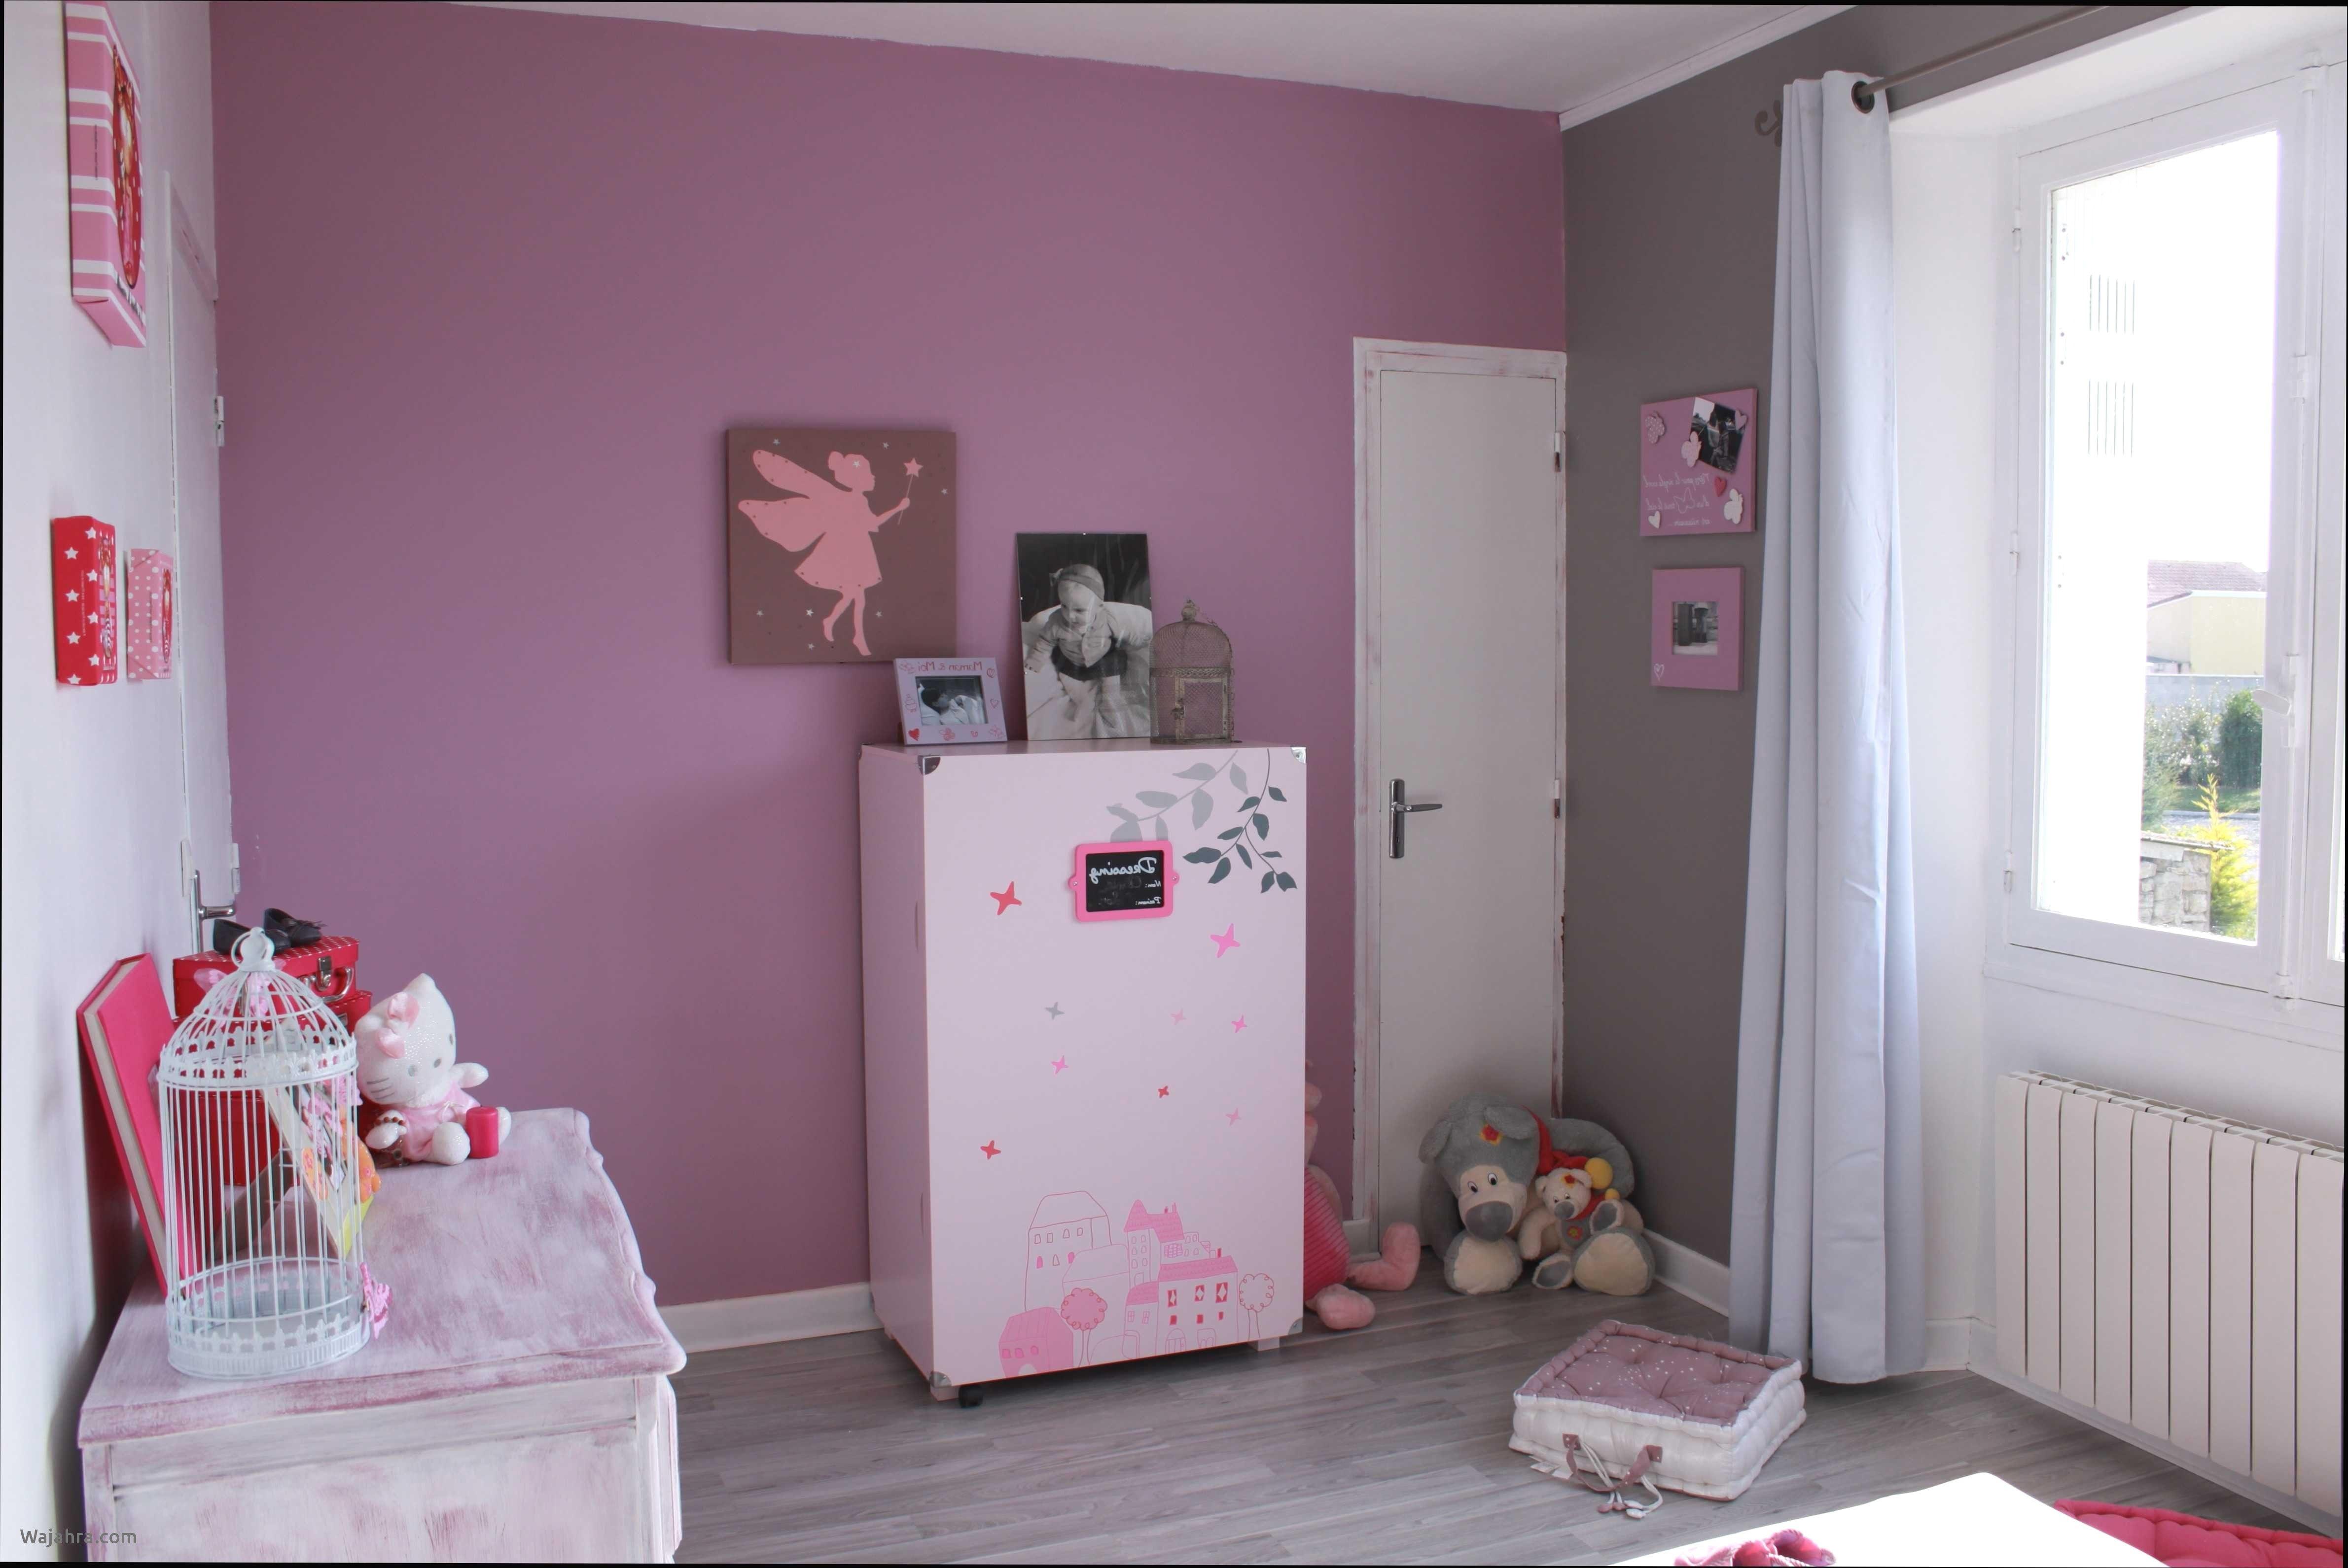 Lit Bébé Pas Cher Carrefour Impressionnant Meilleur Lit Pour Bébé Support Pour Baignoire Bébé Elegant Mode Bébé